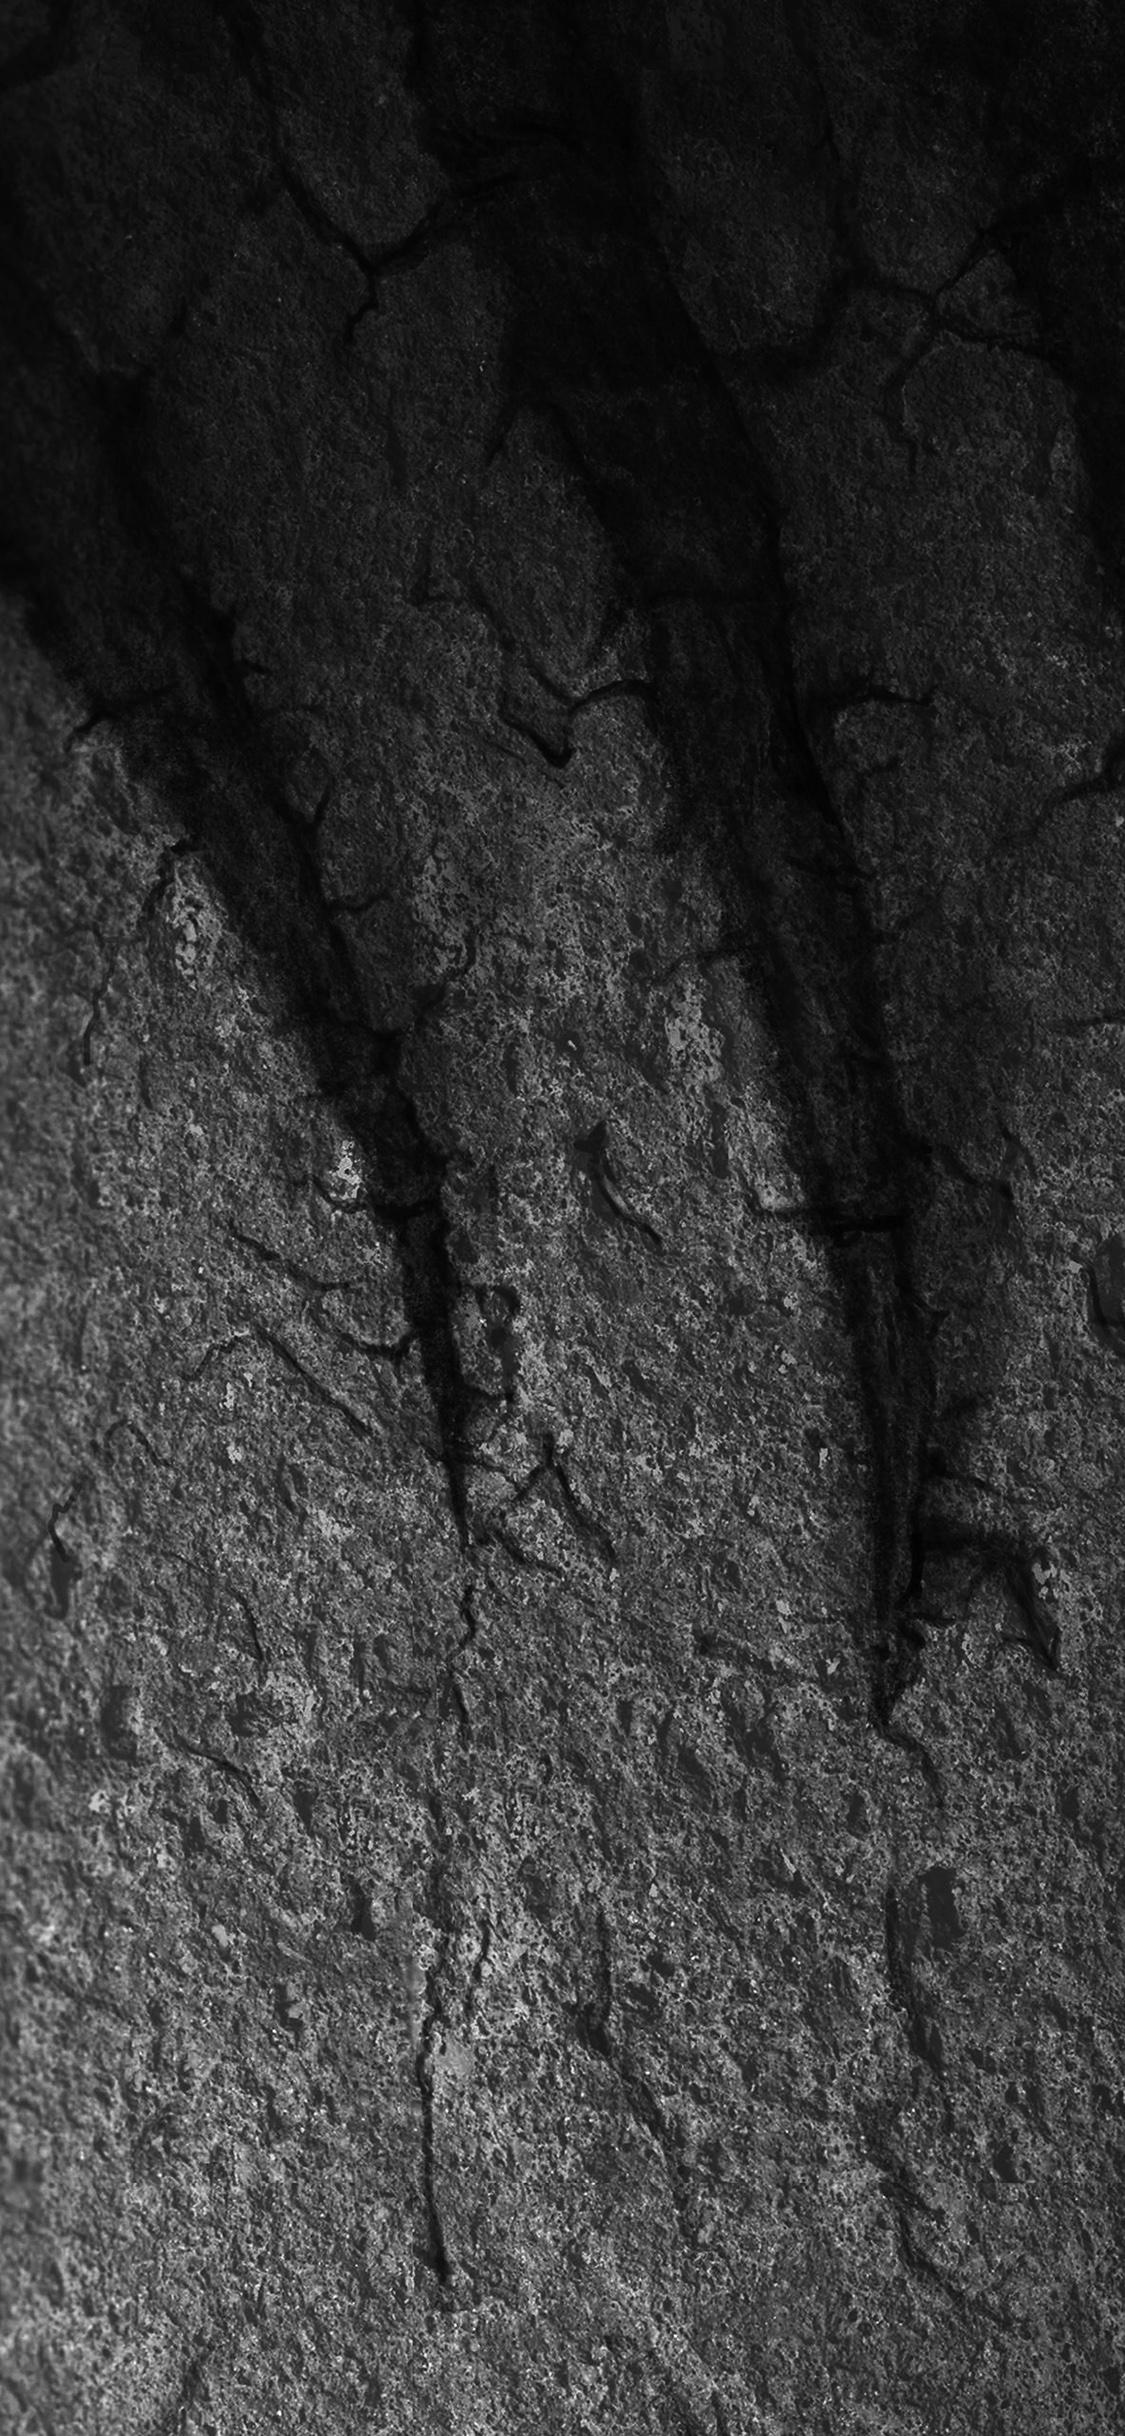 Iphonexpaperscom Iphone X Wallpaper Vu30 Rock Dark Bw